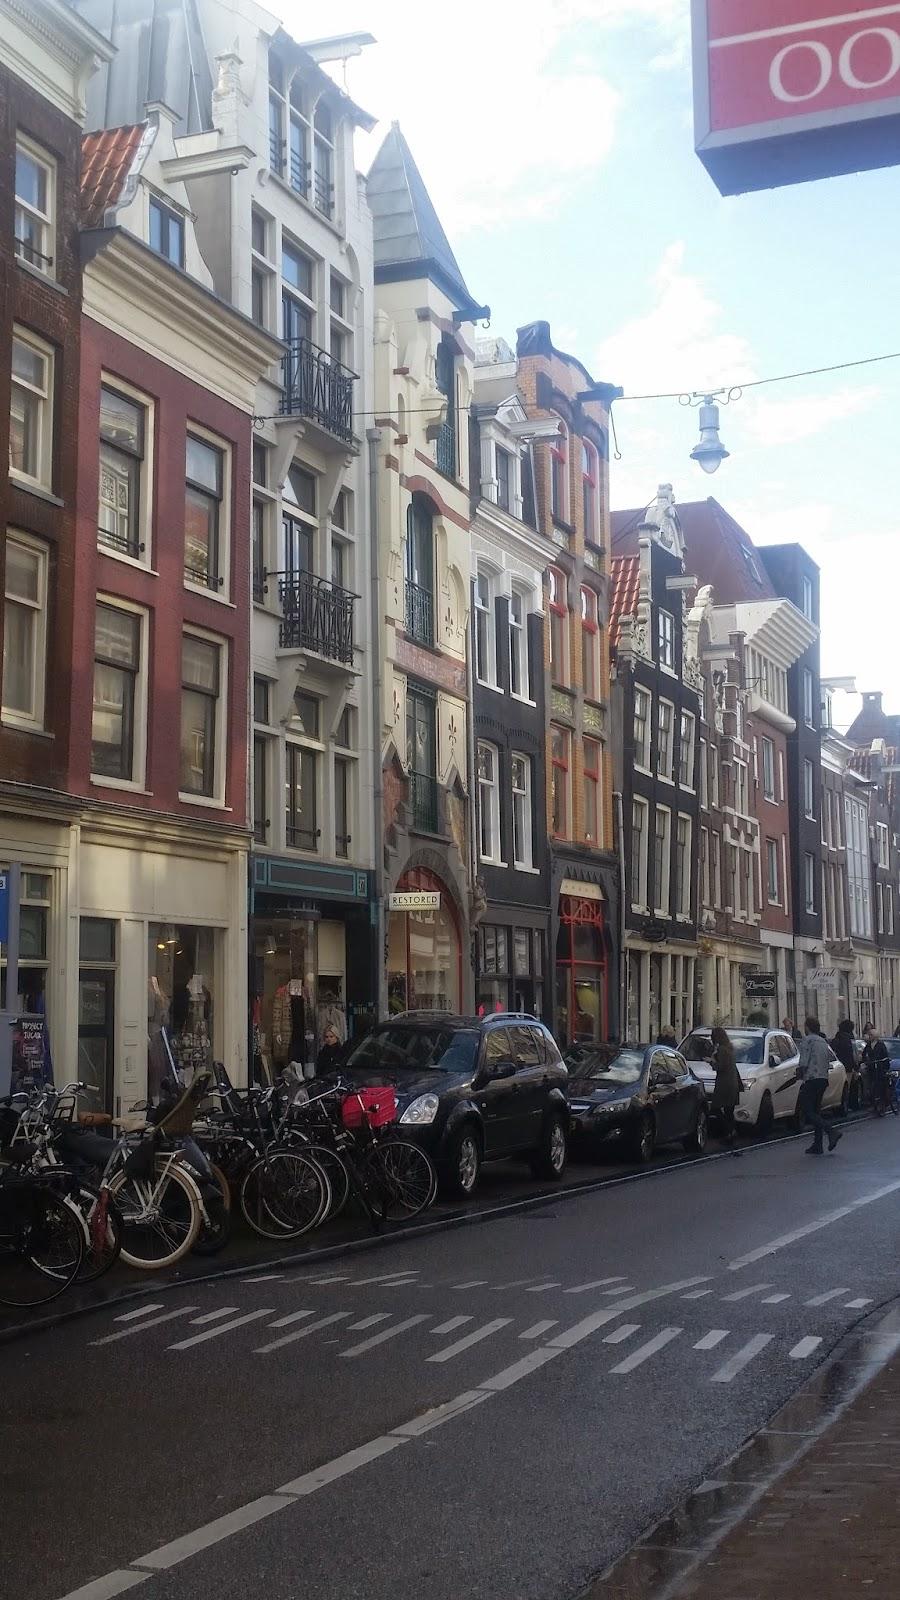 Kurztrip - Amsterdam - www.annitschkasblog.de